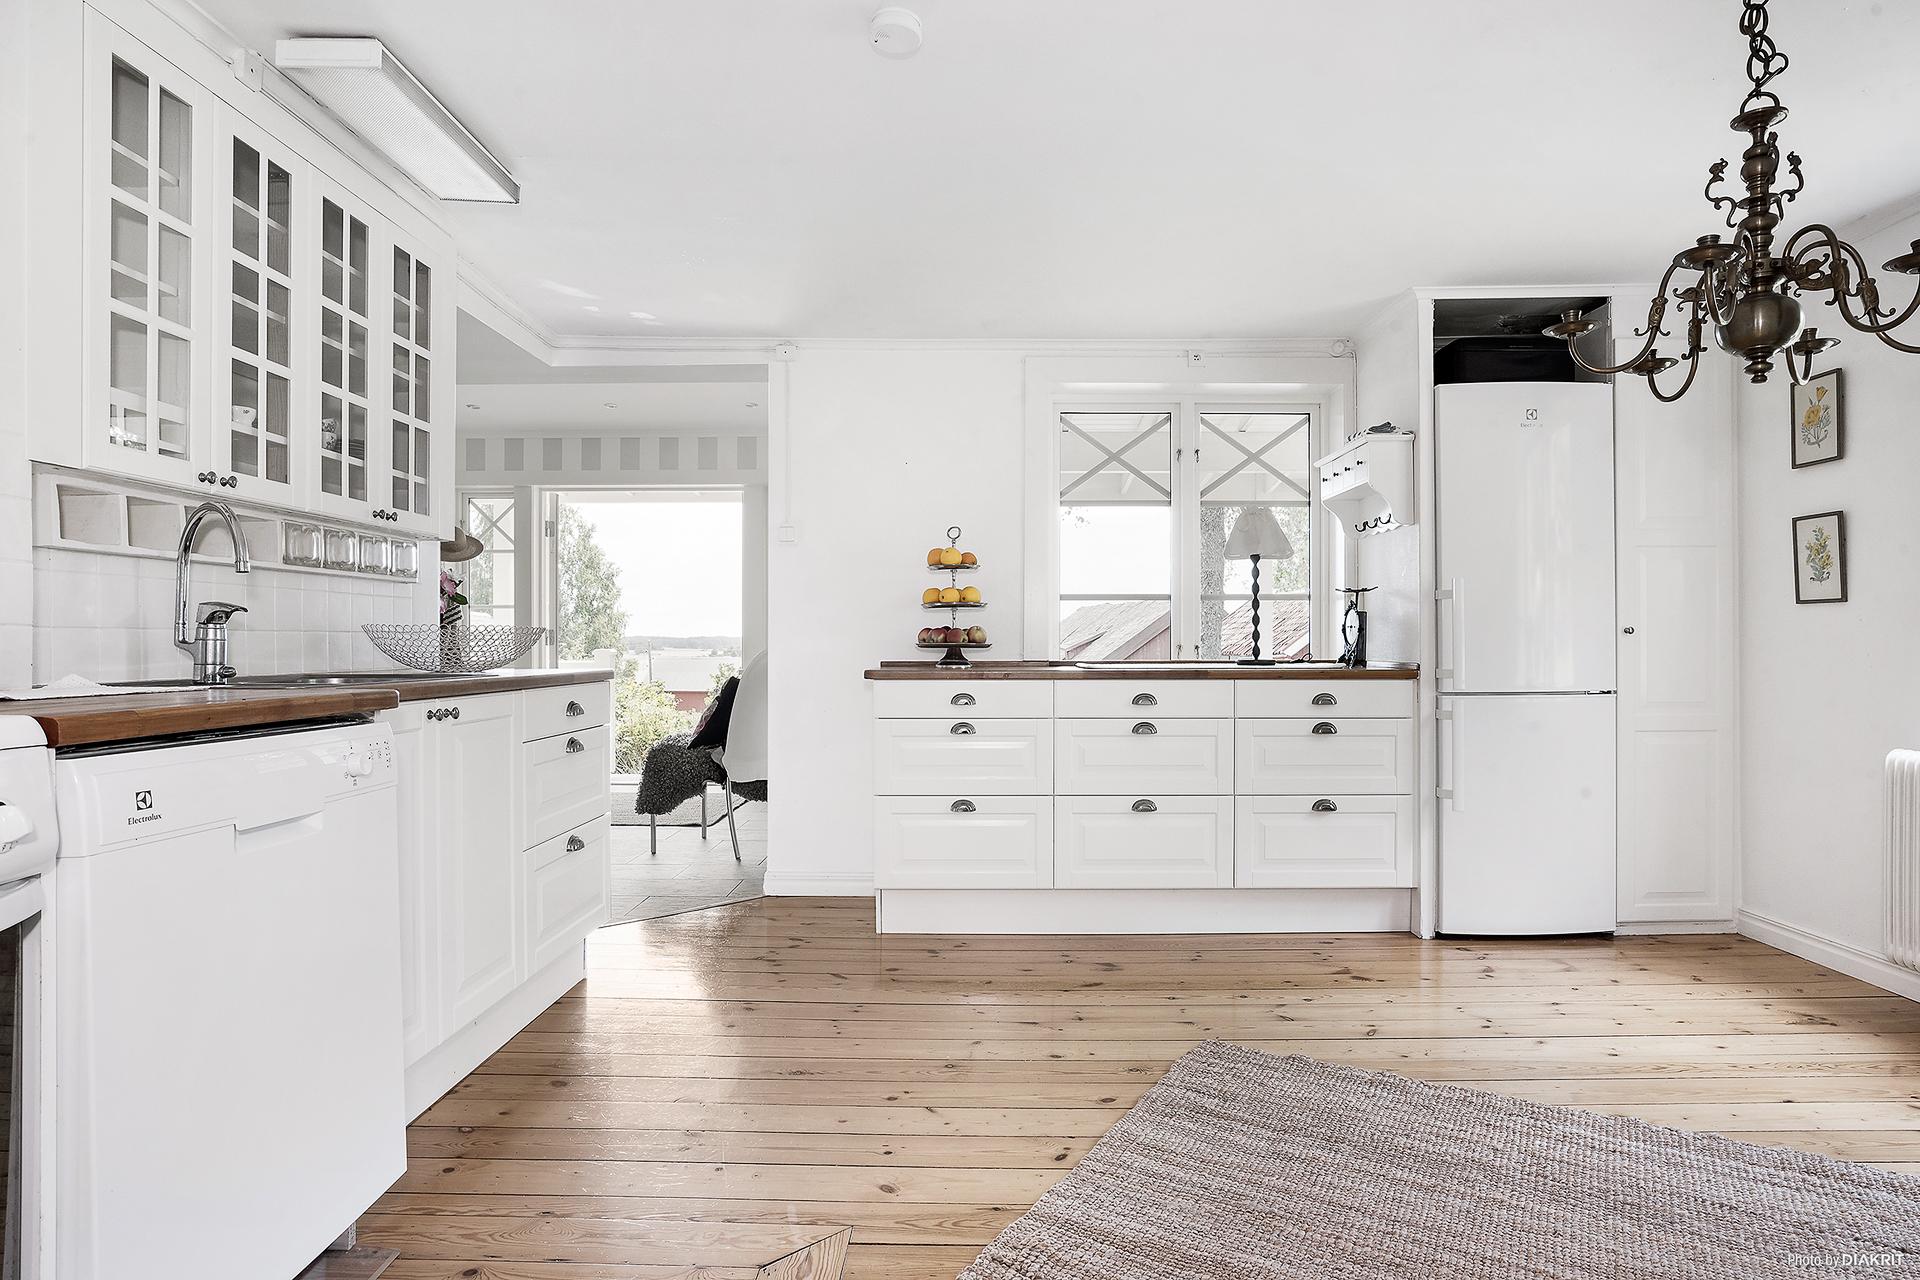 Köket är nyligen renoverat med nya köksluckor och lådfronter